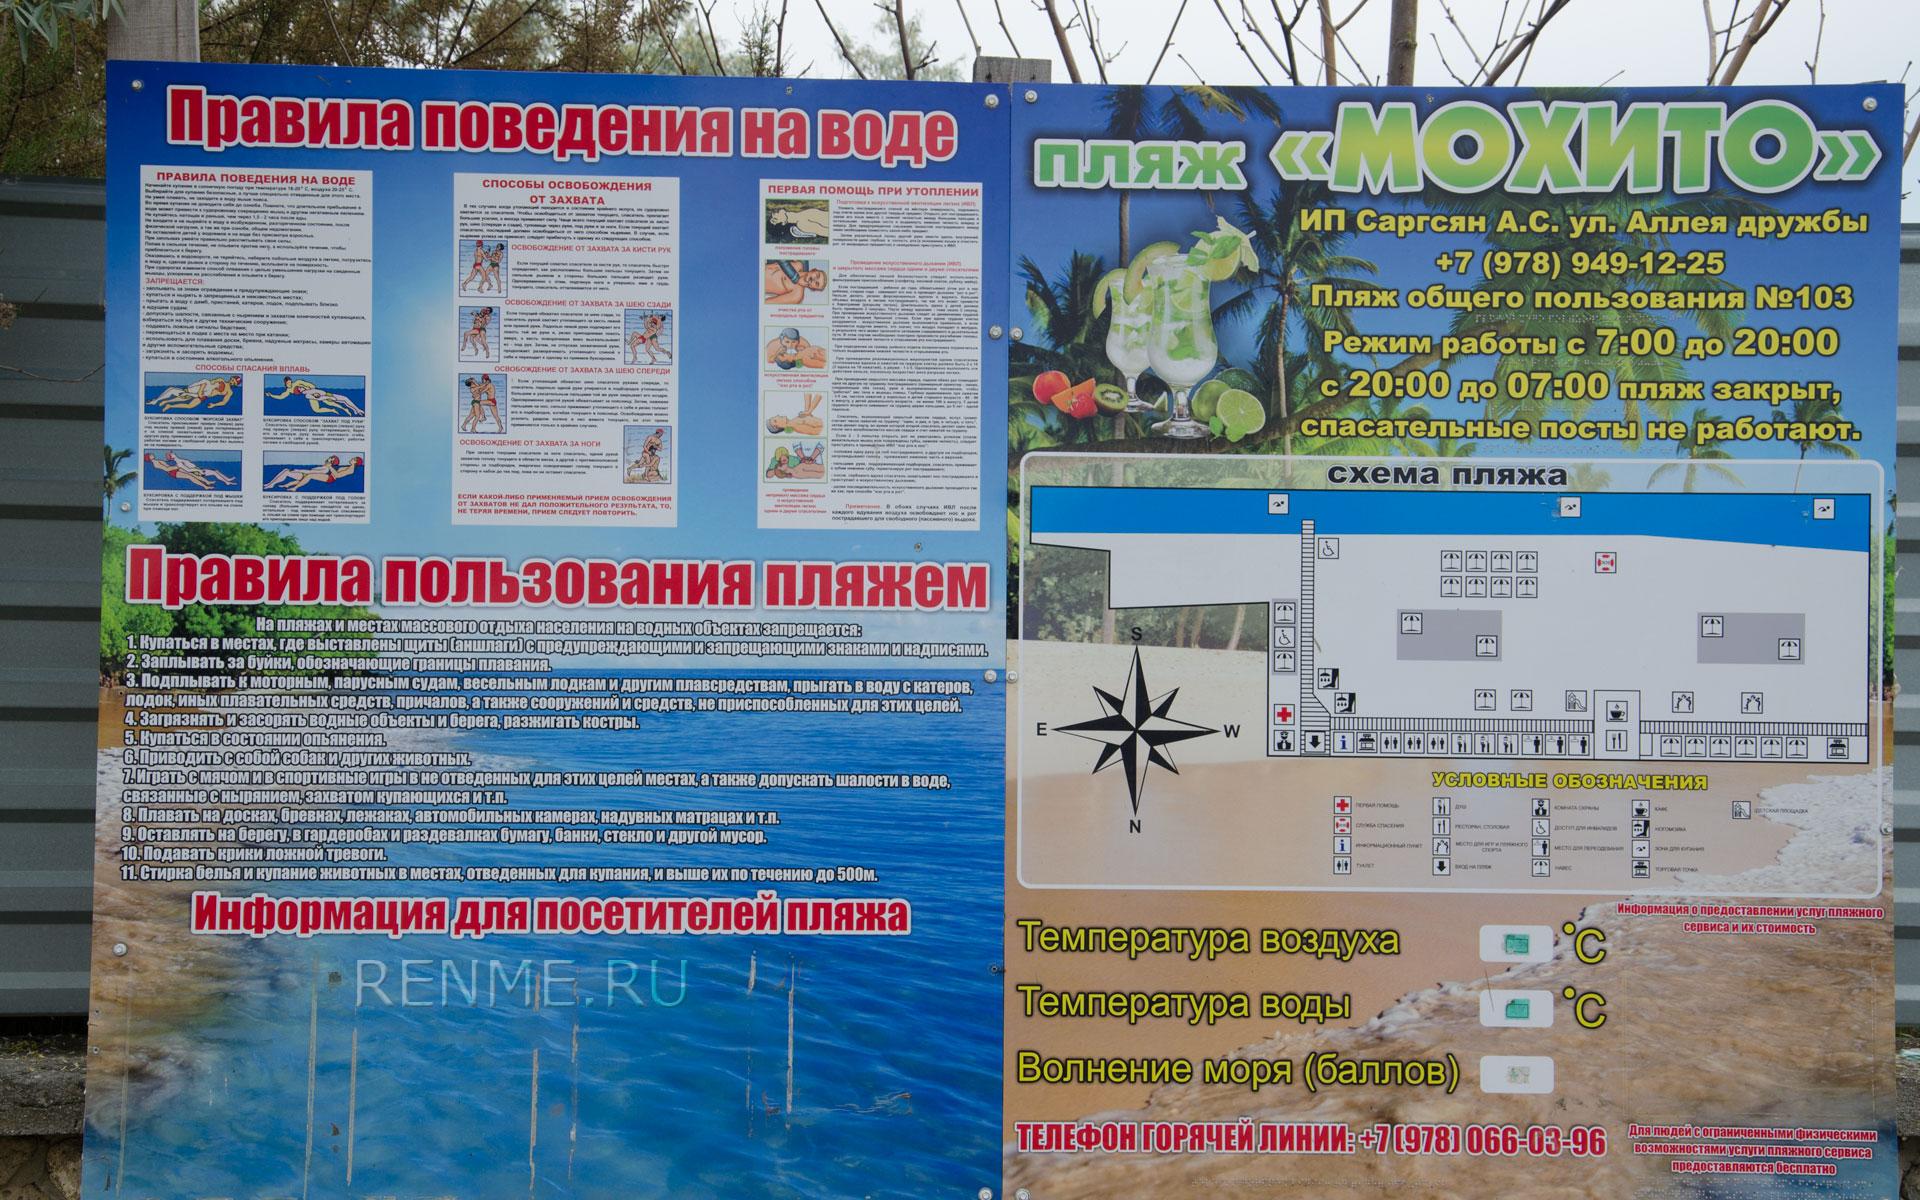 """Карта пляжа """"Мохито"""". Фото Заозёрного"""